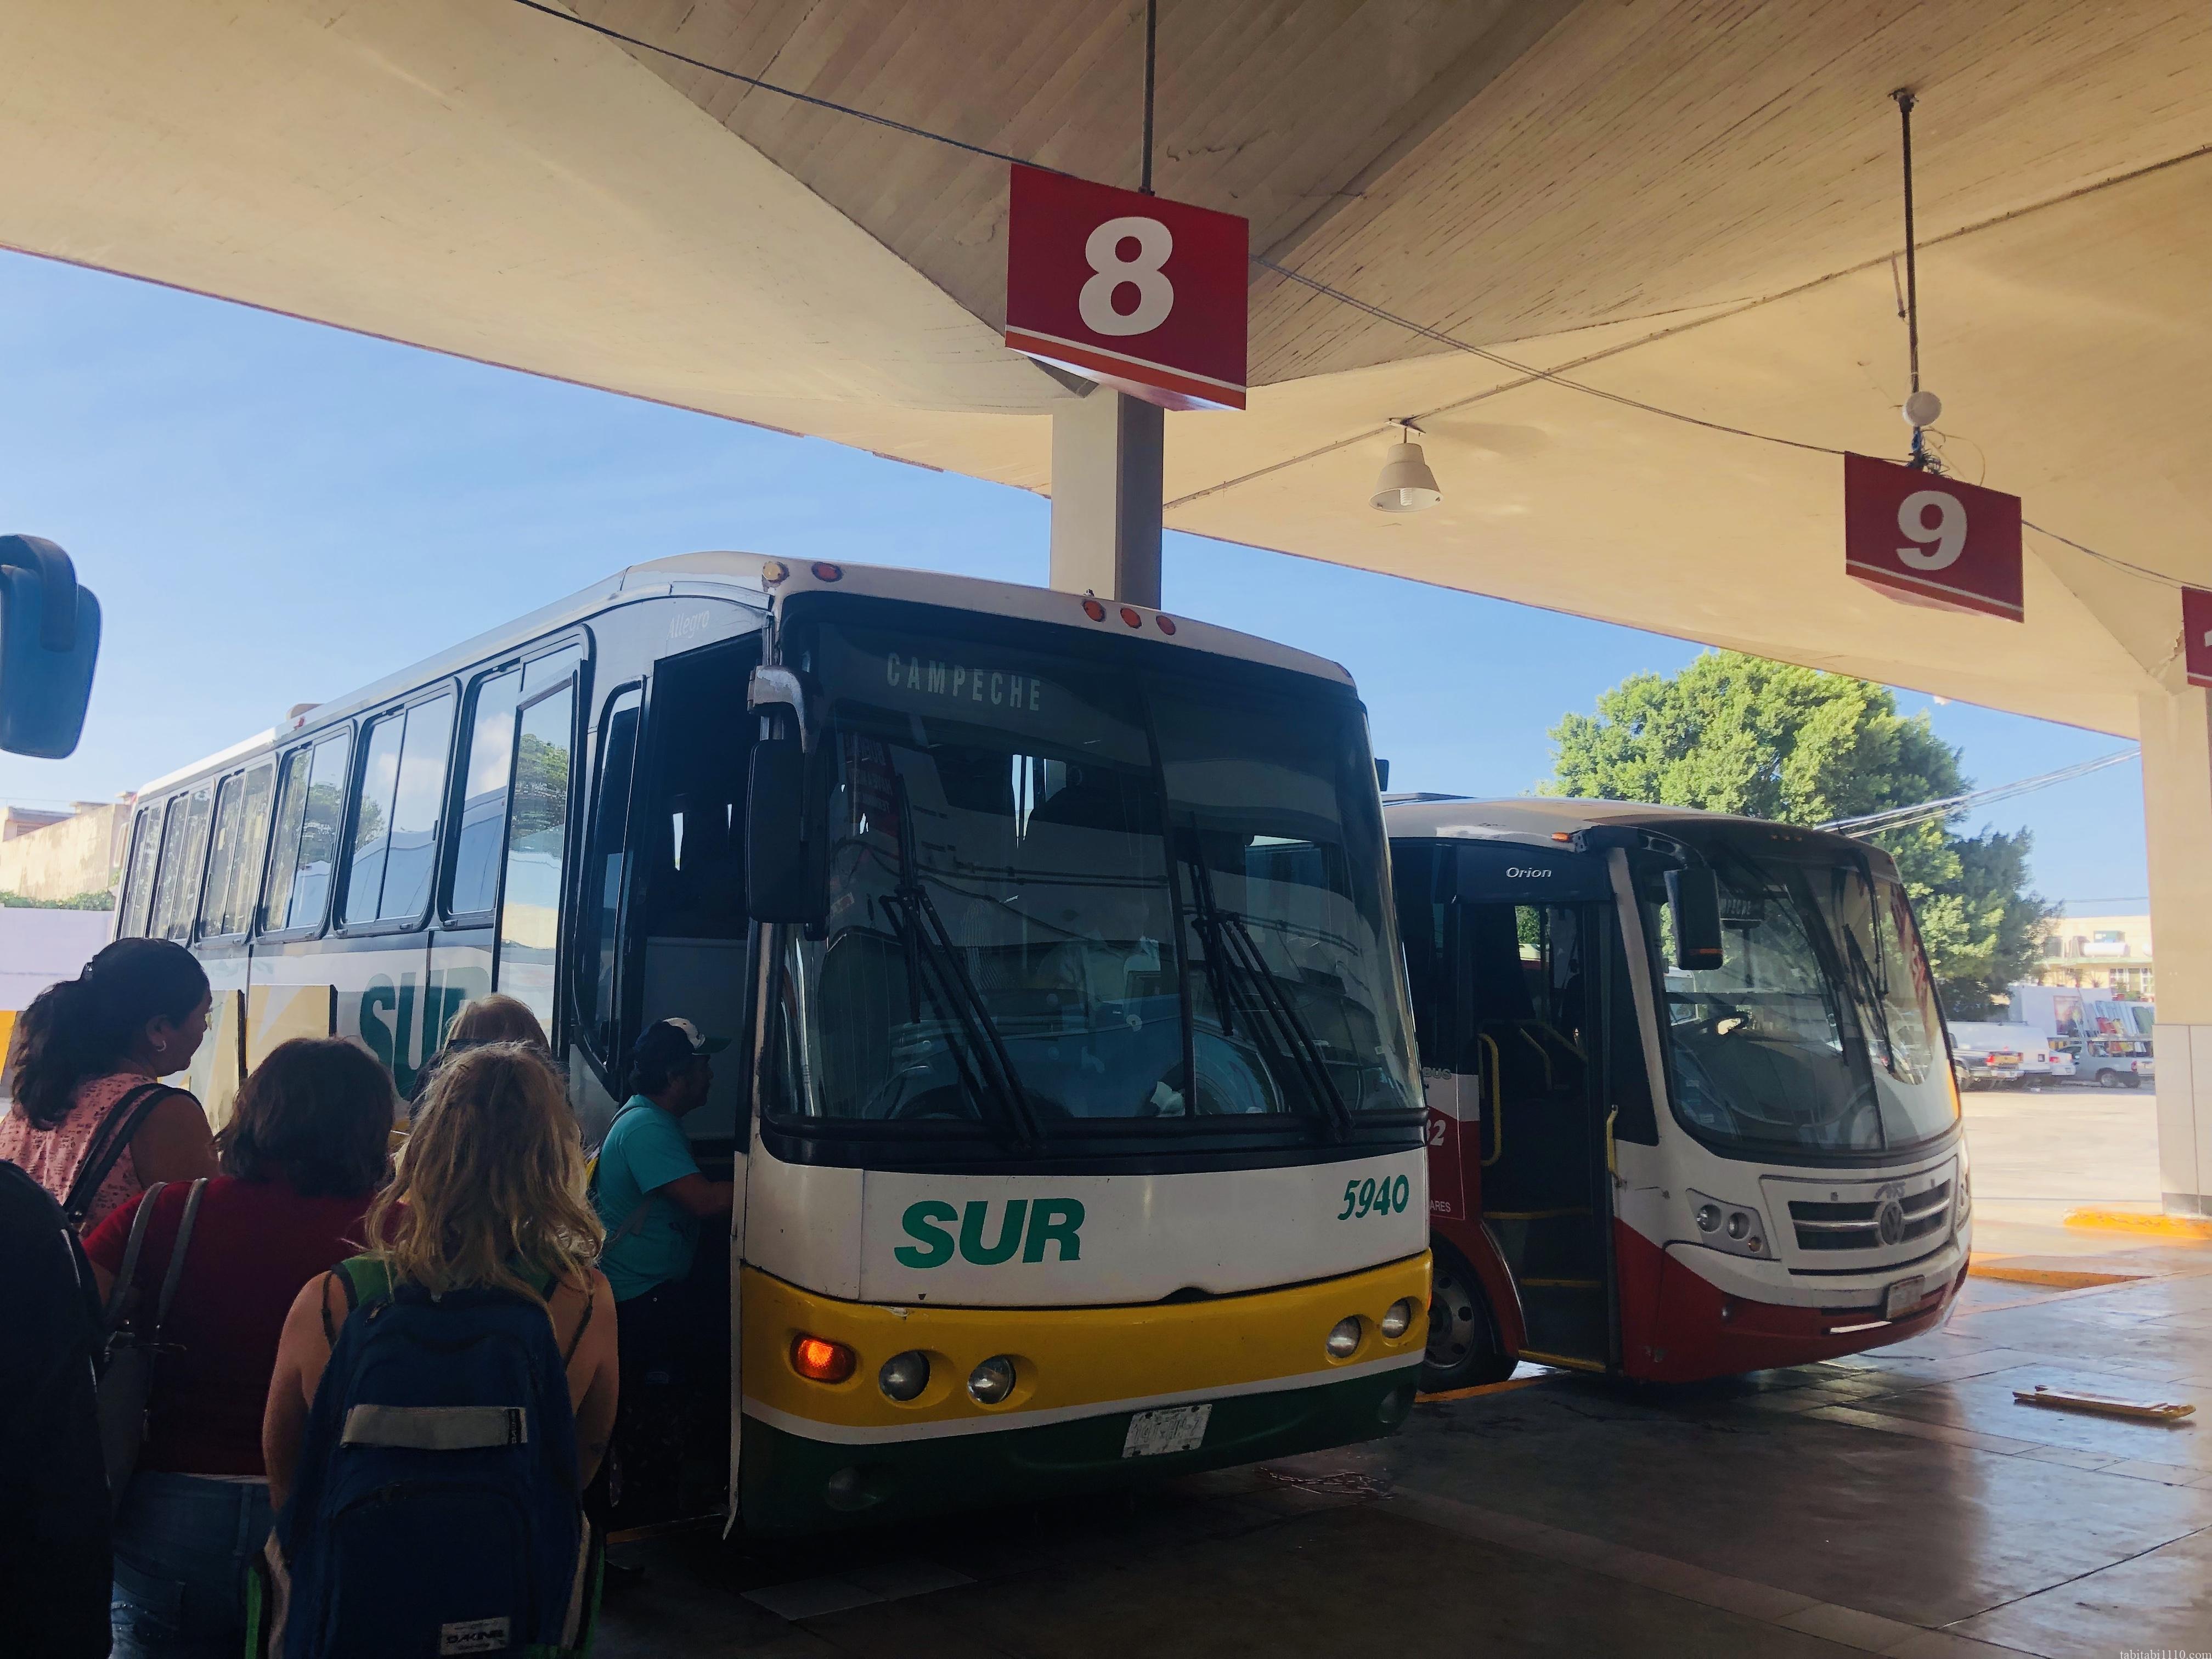 ウシュマル遺跡行きバス